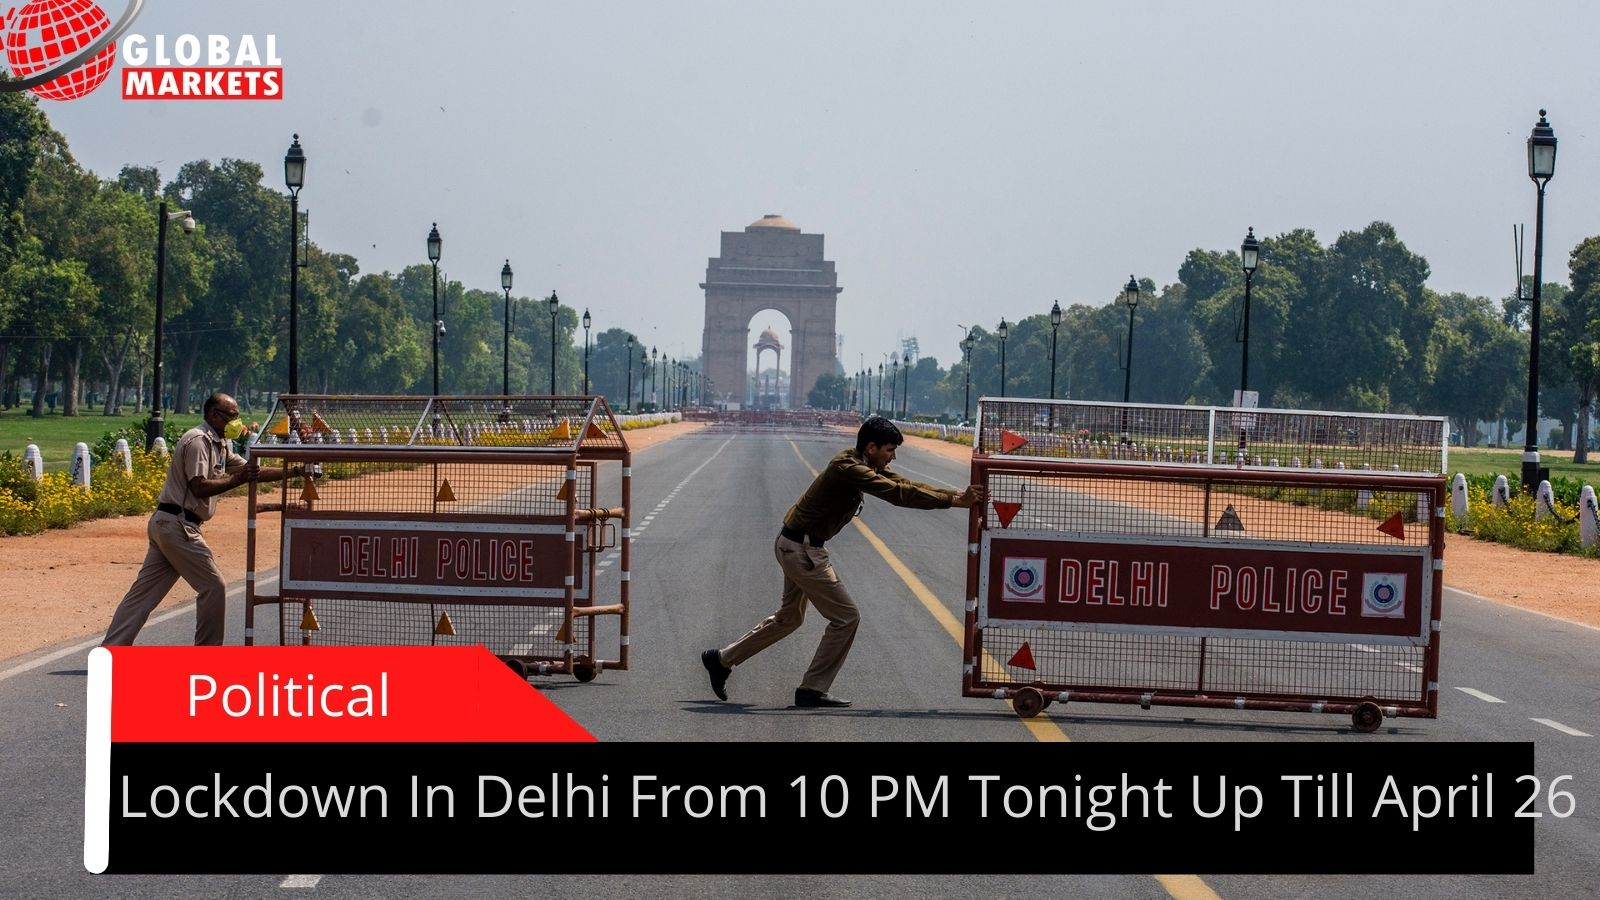 Lockdown In Delhi From 10 PM Tonight Up Till April 26